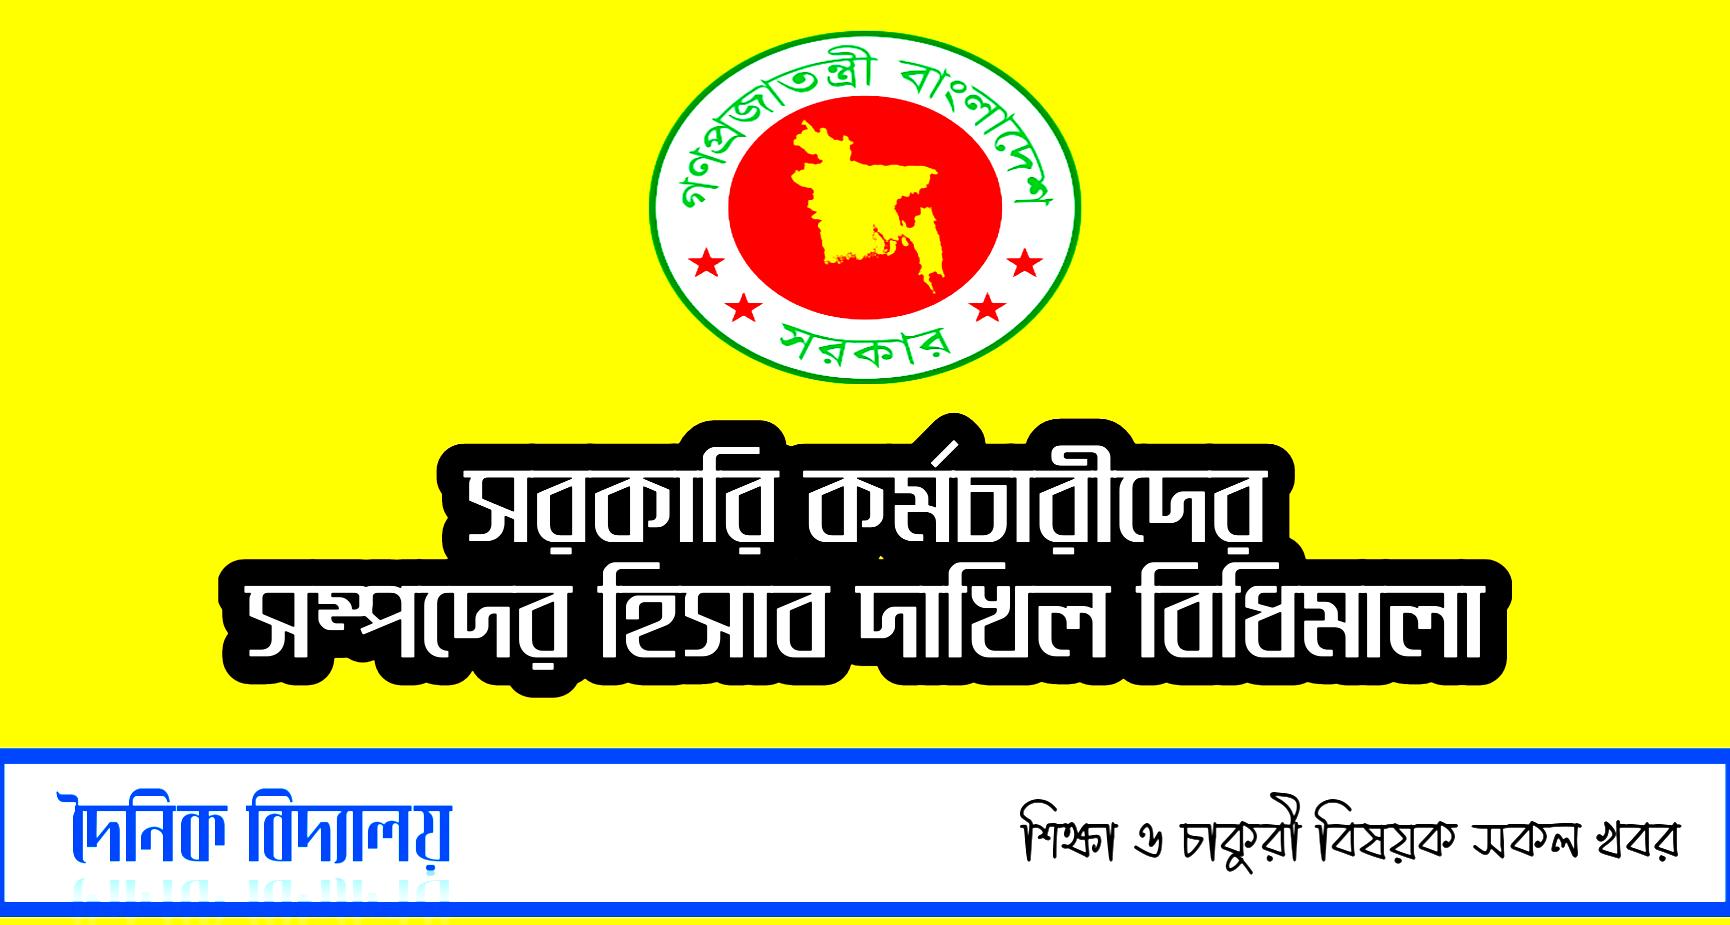 সরকারি কর্মচারীদের সম্পদের হিসাব দাখিল বিধিমালা